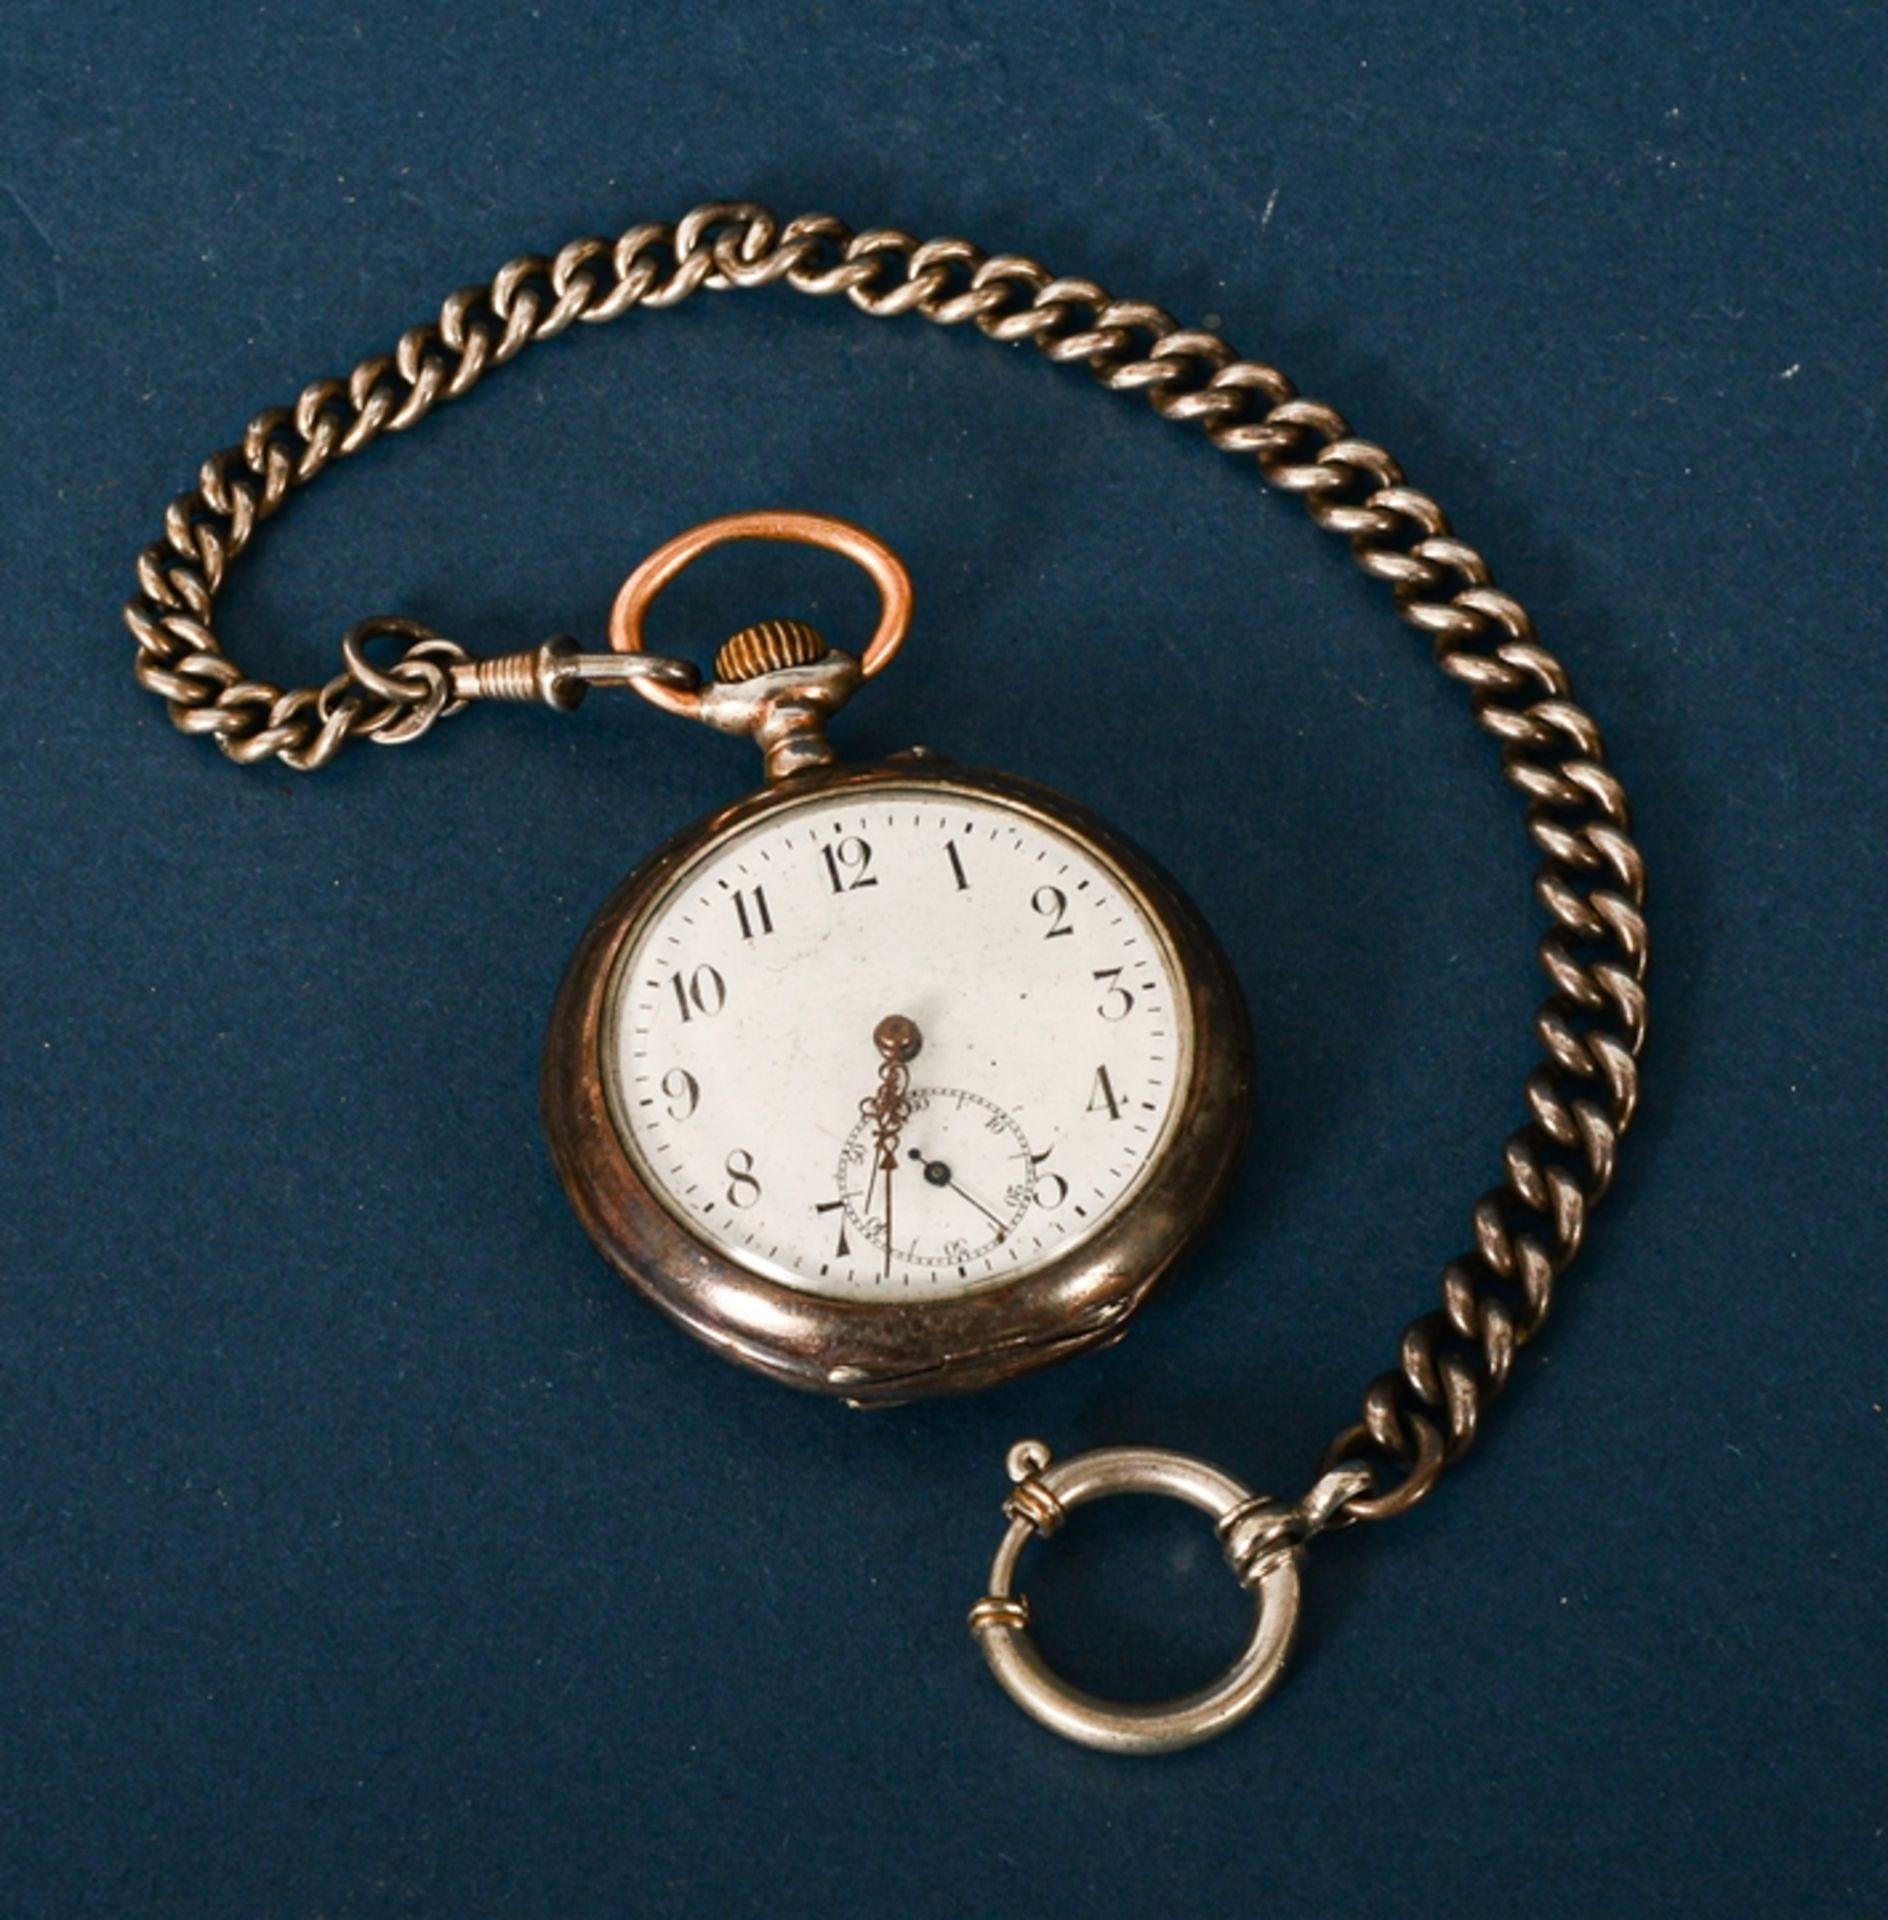 Silberne Taschenuhr an Uhrenkette (Länge ca. 27 cm), beides 800er Silber, ungeprüft (Durchmesser der